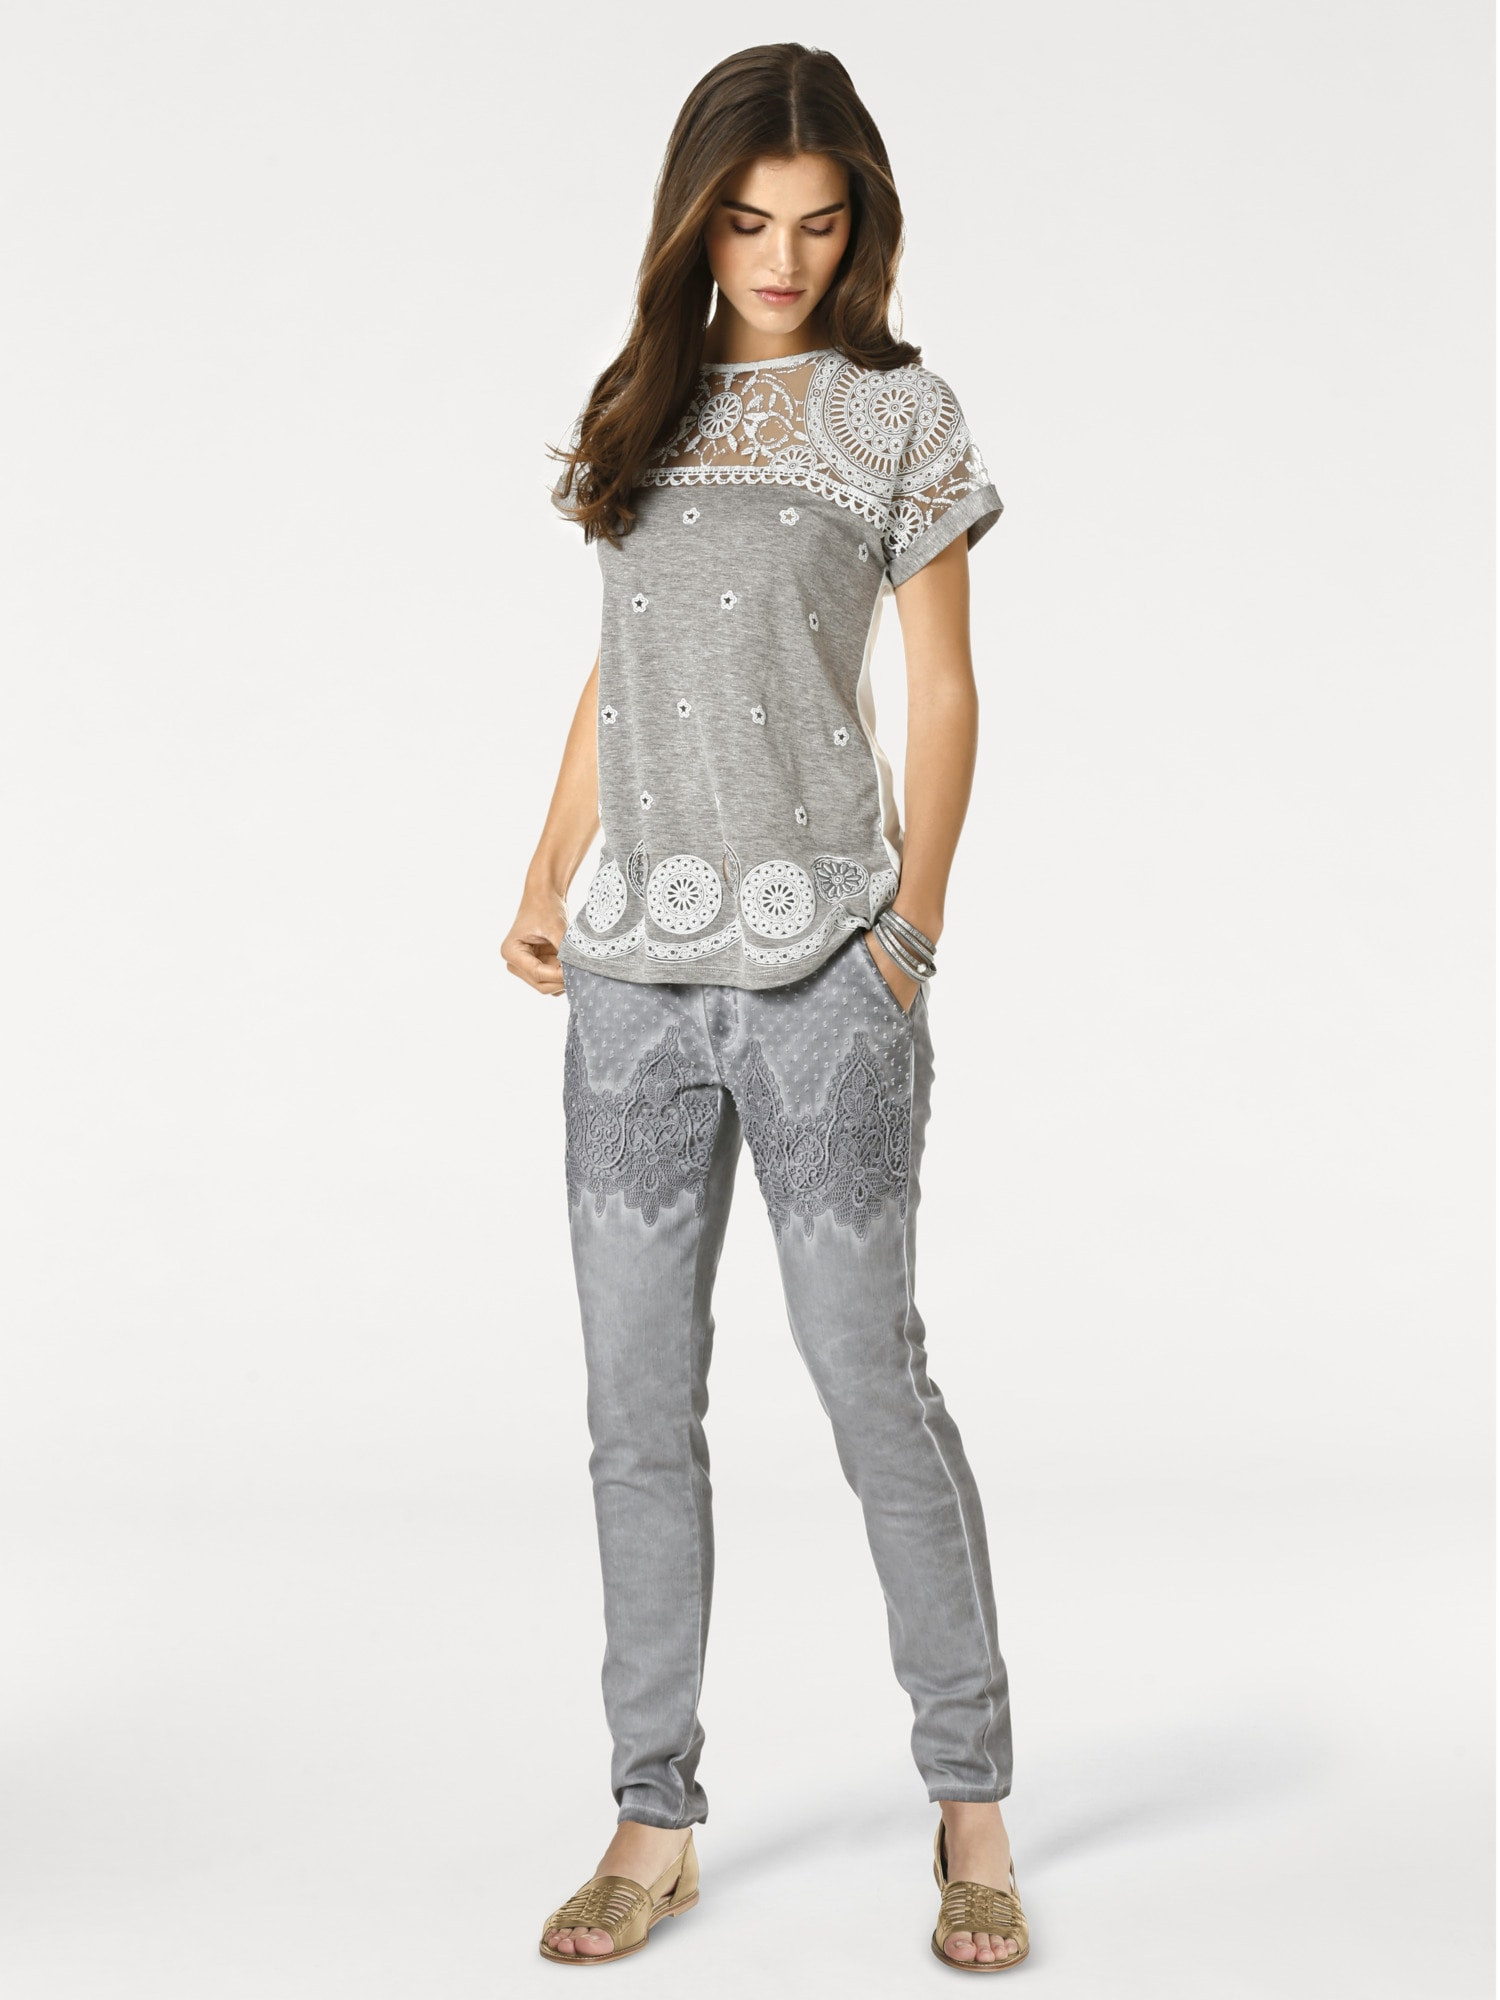 heine CASUAL Spitzenshirt mit Druck | Bekleidung > Shirts > Spitzenshirts | Grau | Elasthan | Heine Casual